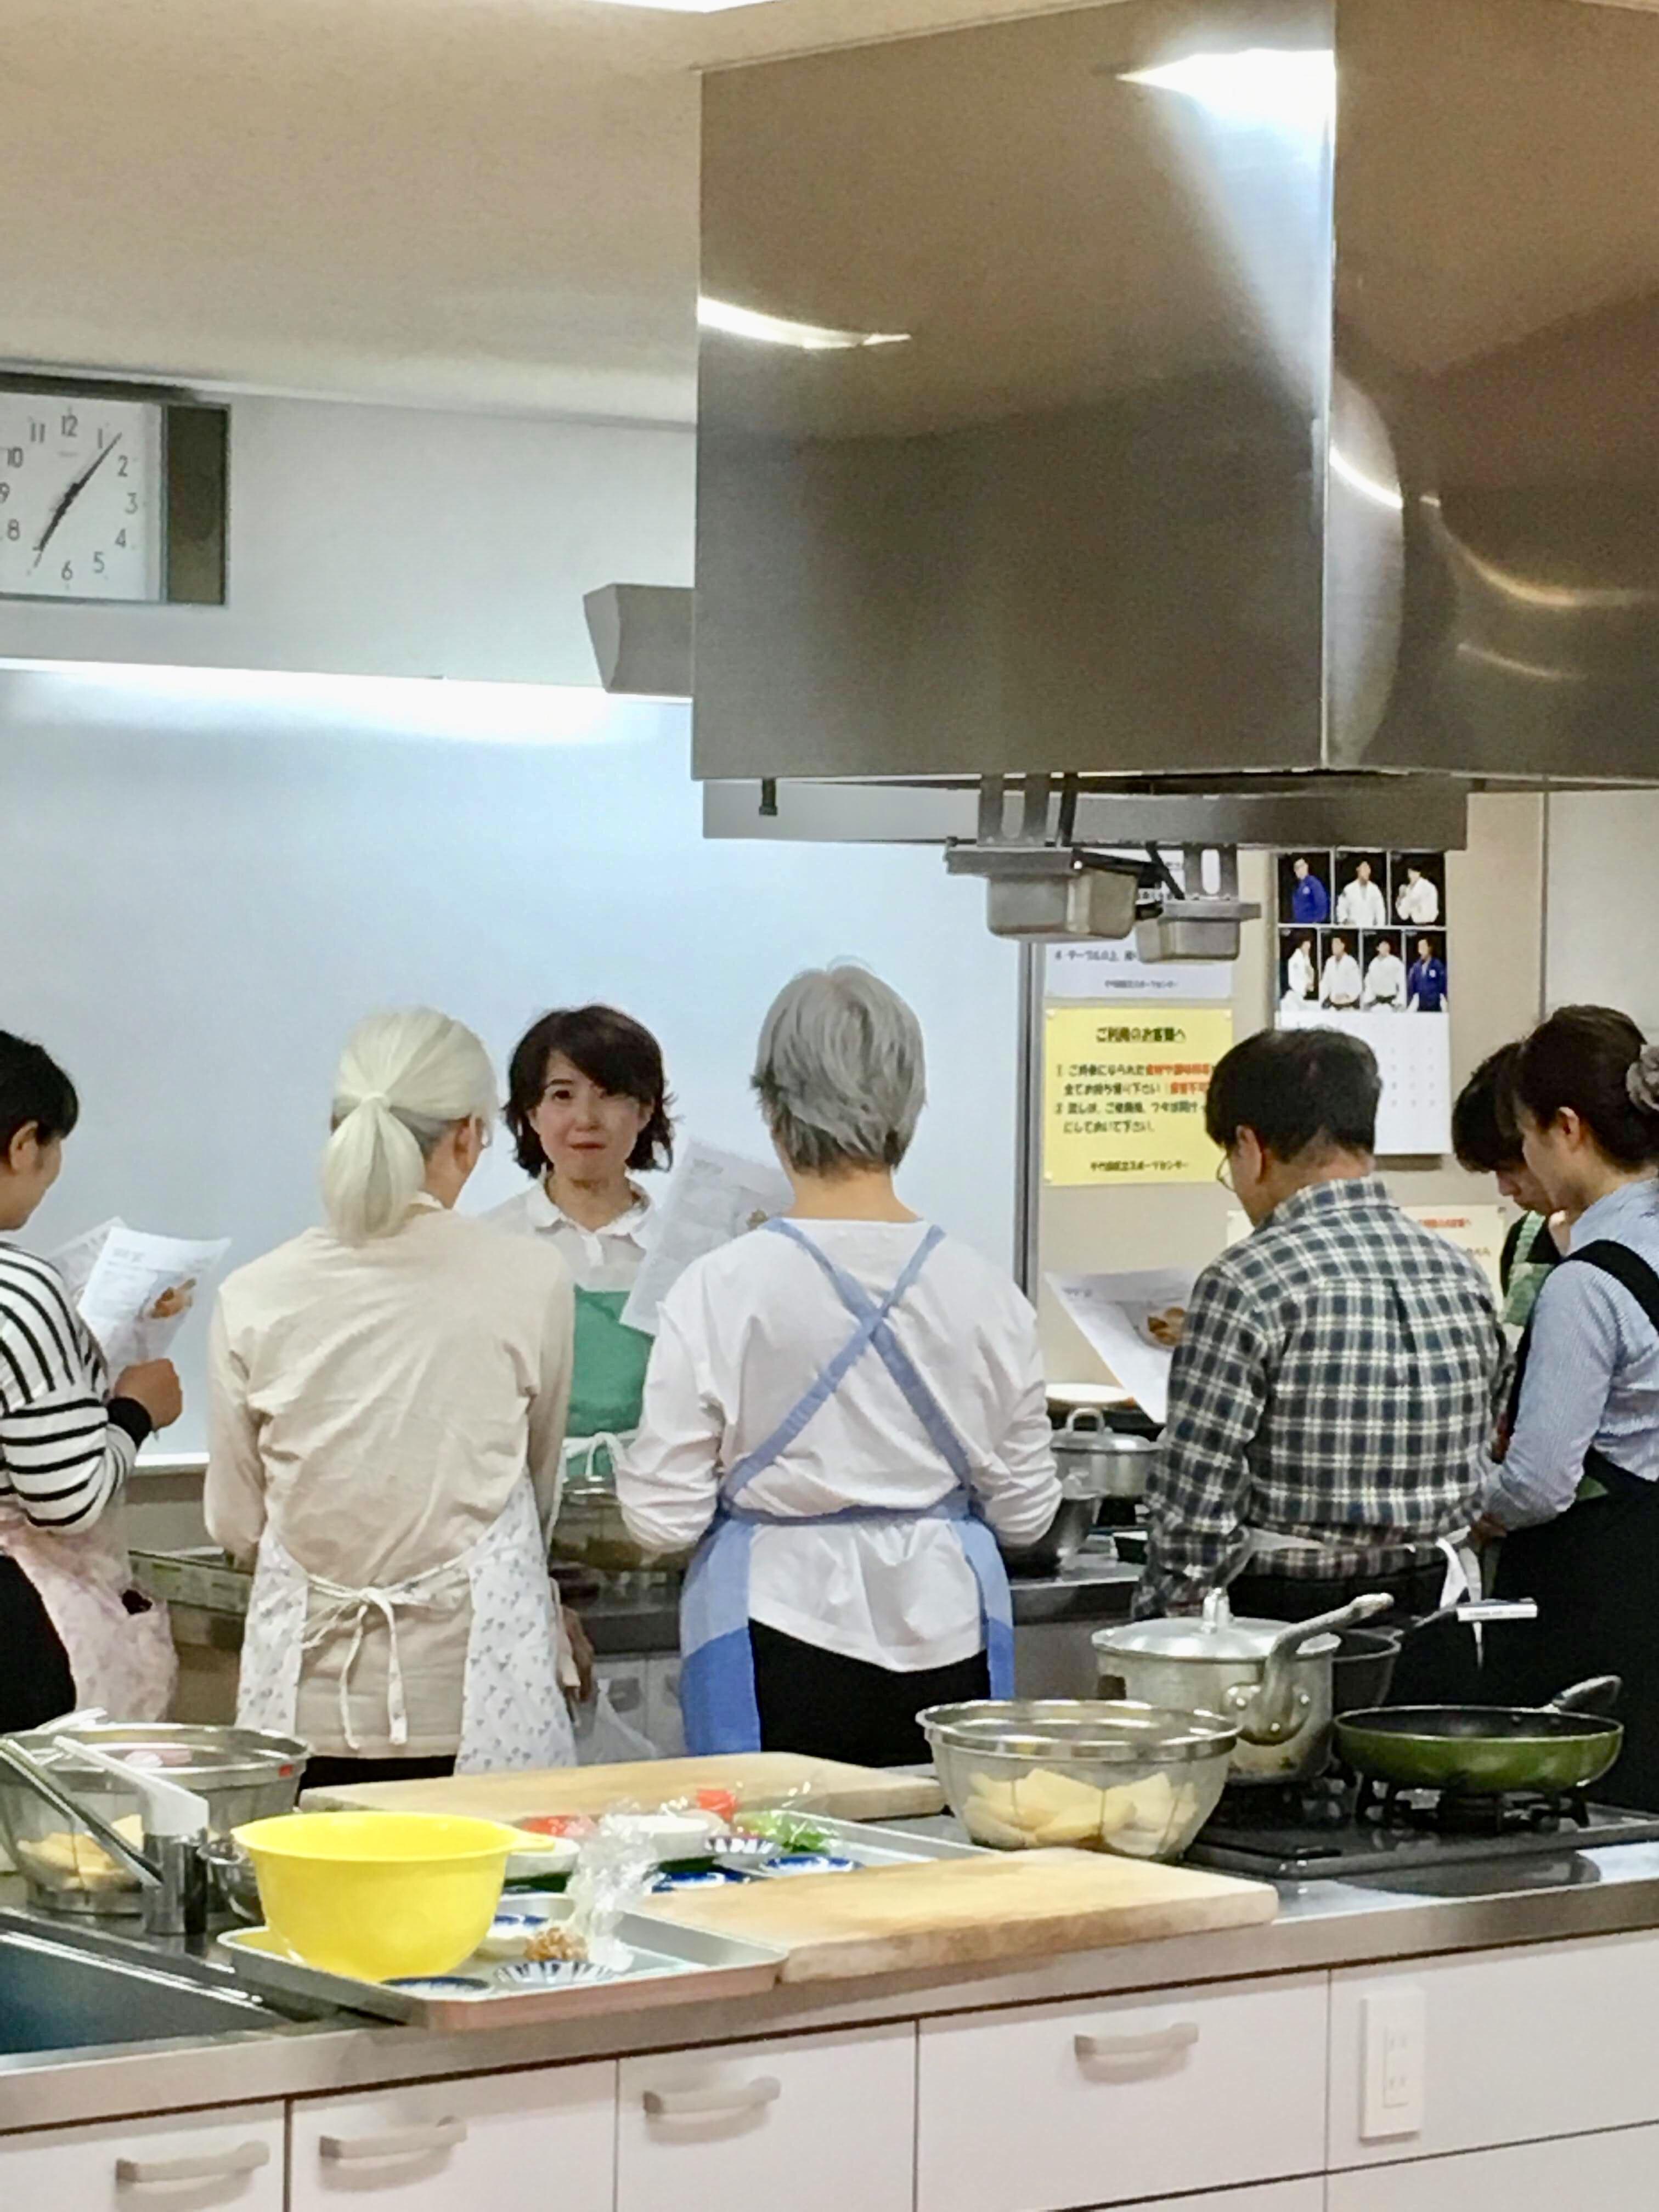 【料理講師】千代田区健康増進事業「ワンプレートの夜遅ごはん」4月;彩りいなり